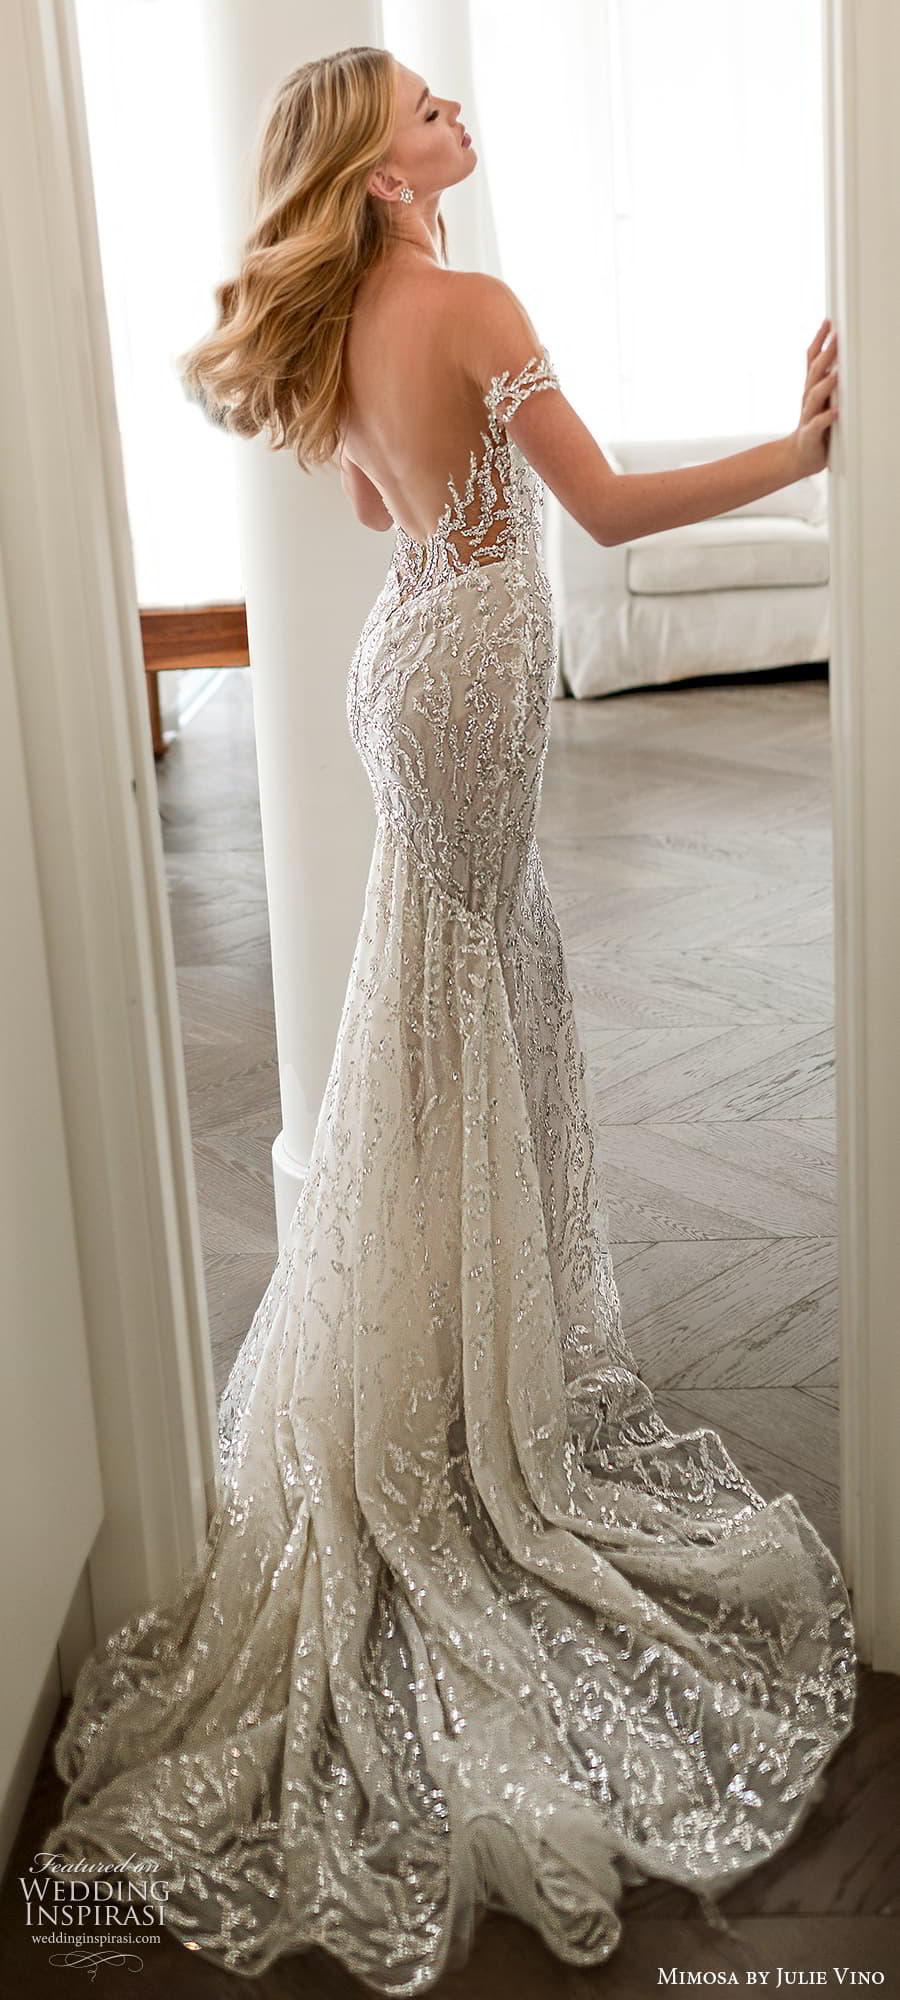 mimosa julie vino 2021 bridal off shoulder straps sweetheart neckline fully embellished sheath wedding dress chapel train (7) lbv